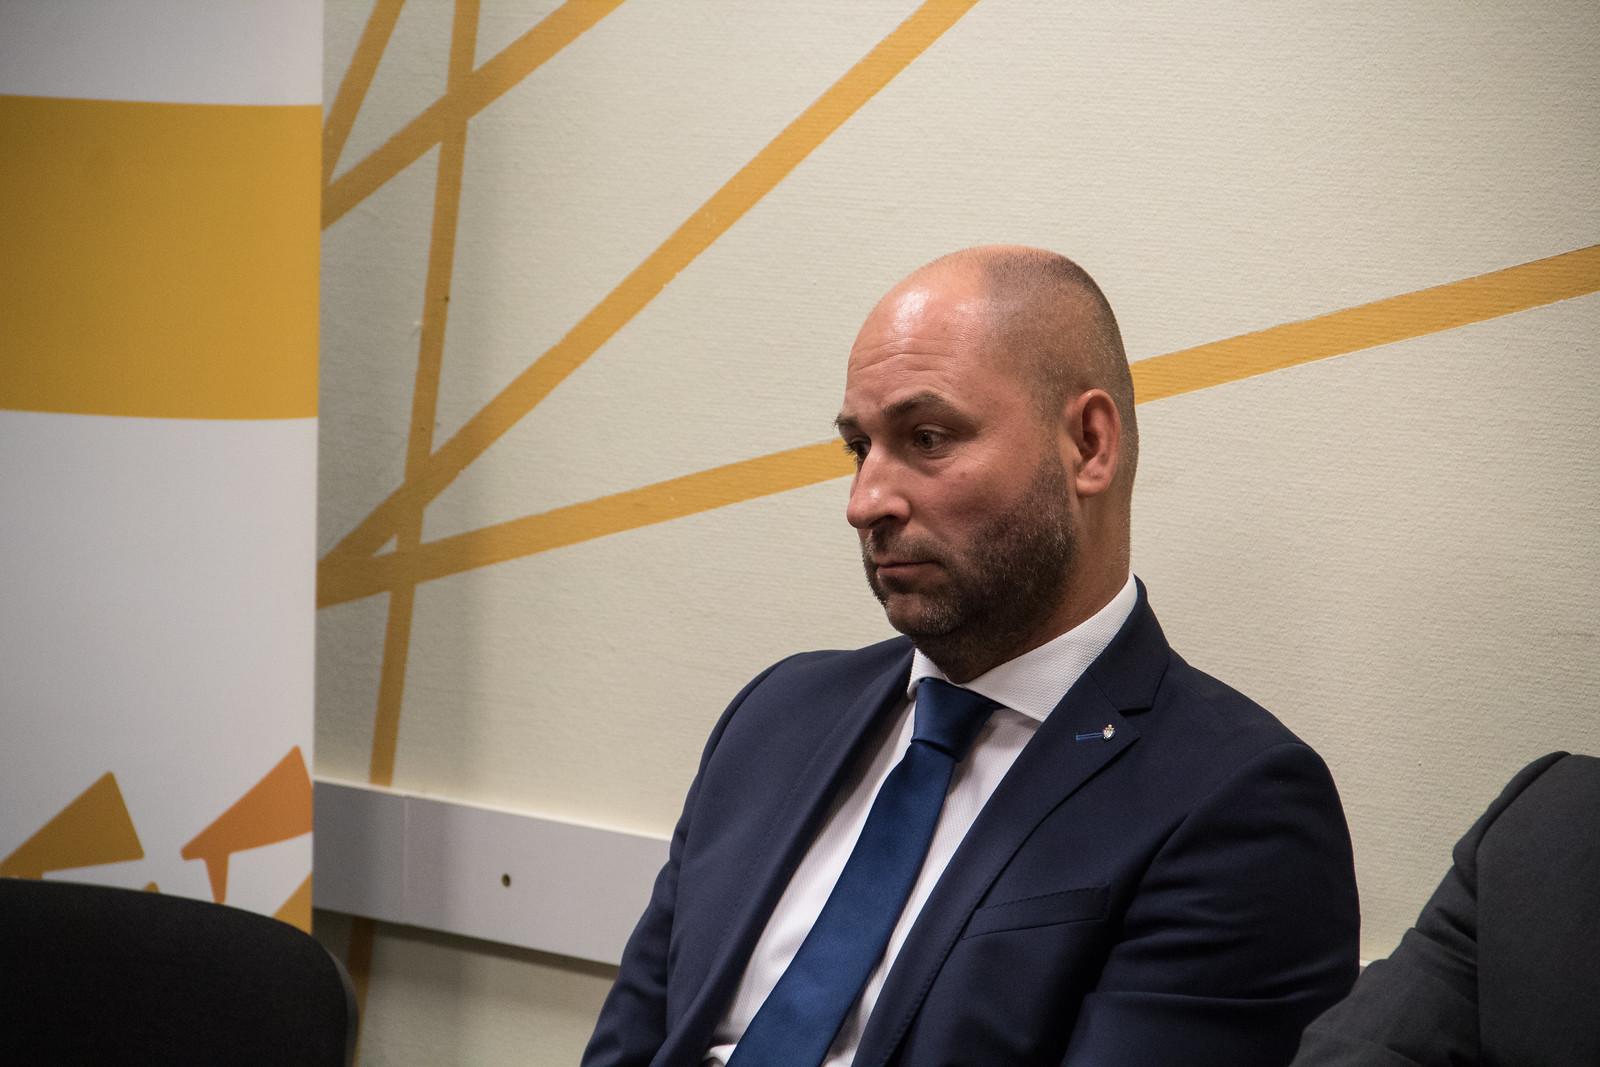 Pszichopatát kiáltva számolna le Szabó Bálinttal és a SzegedMával a szegedi Jobbik